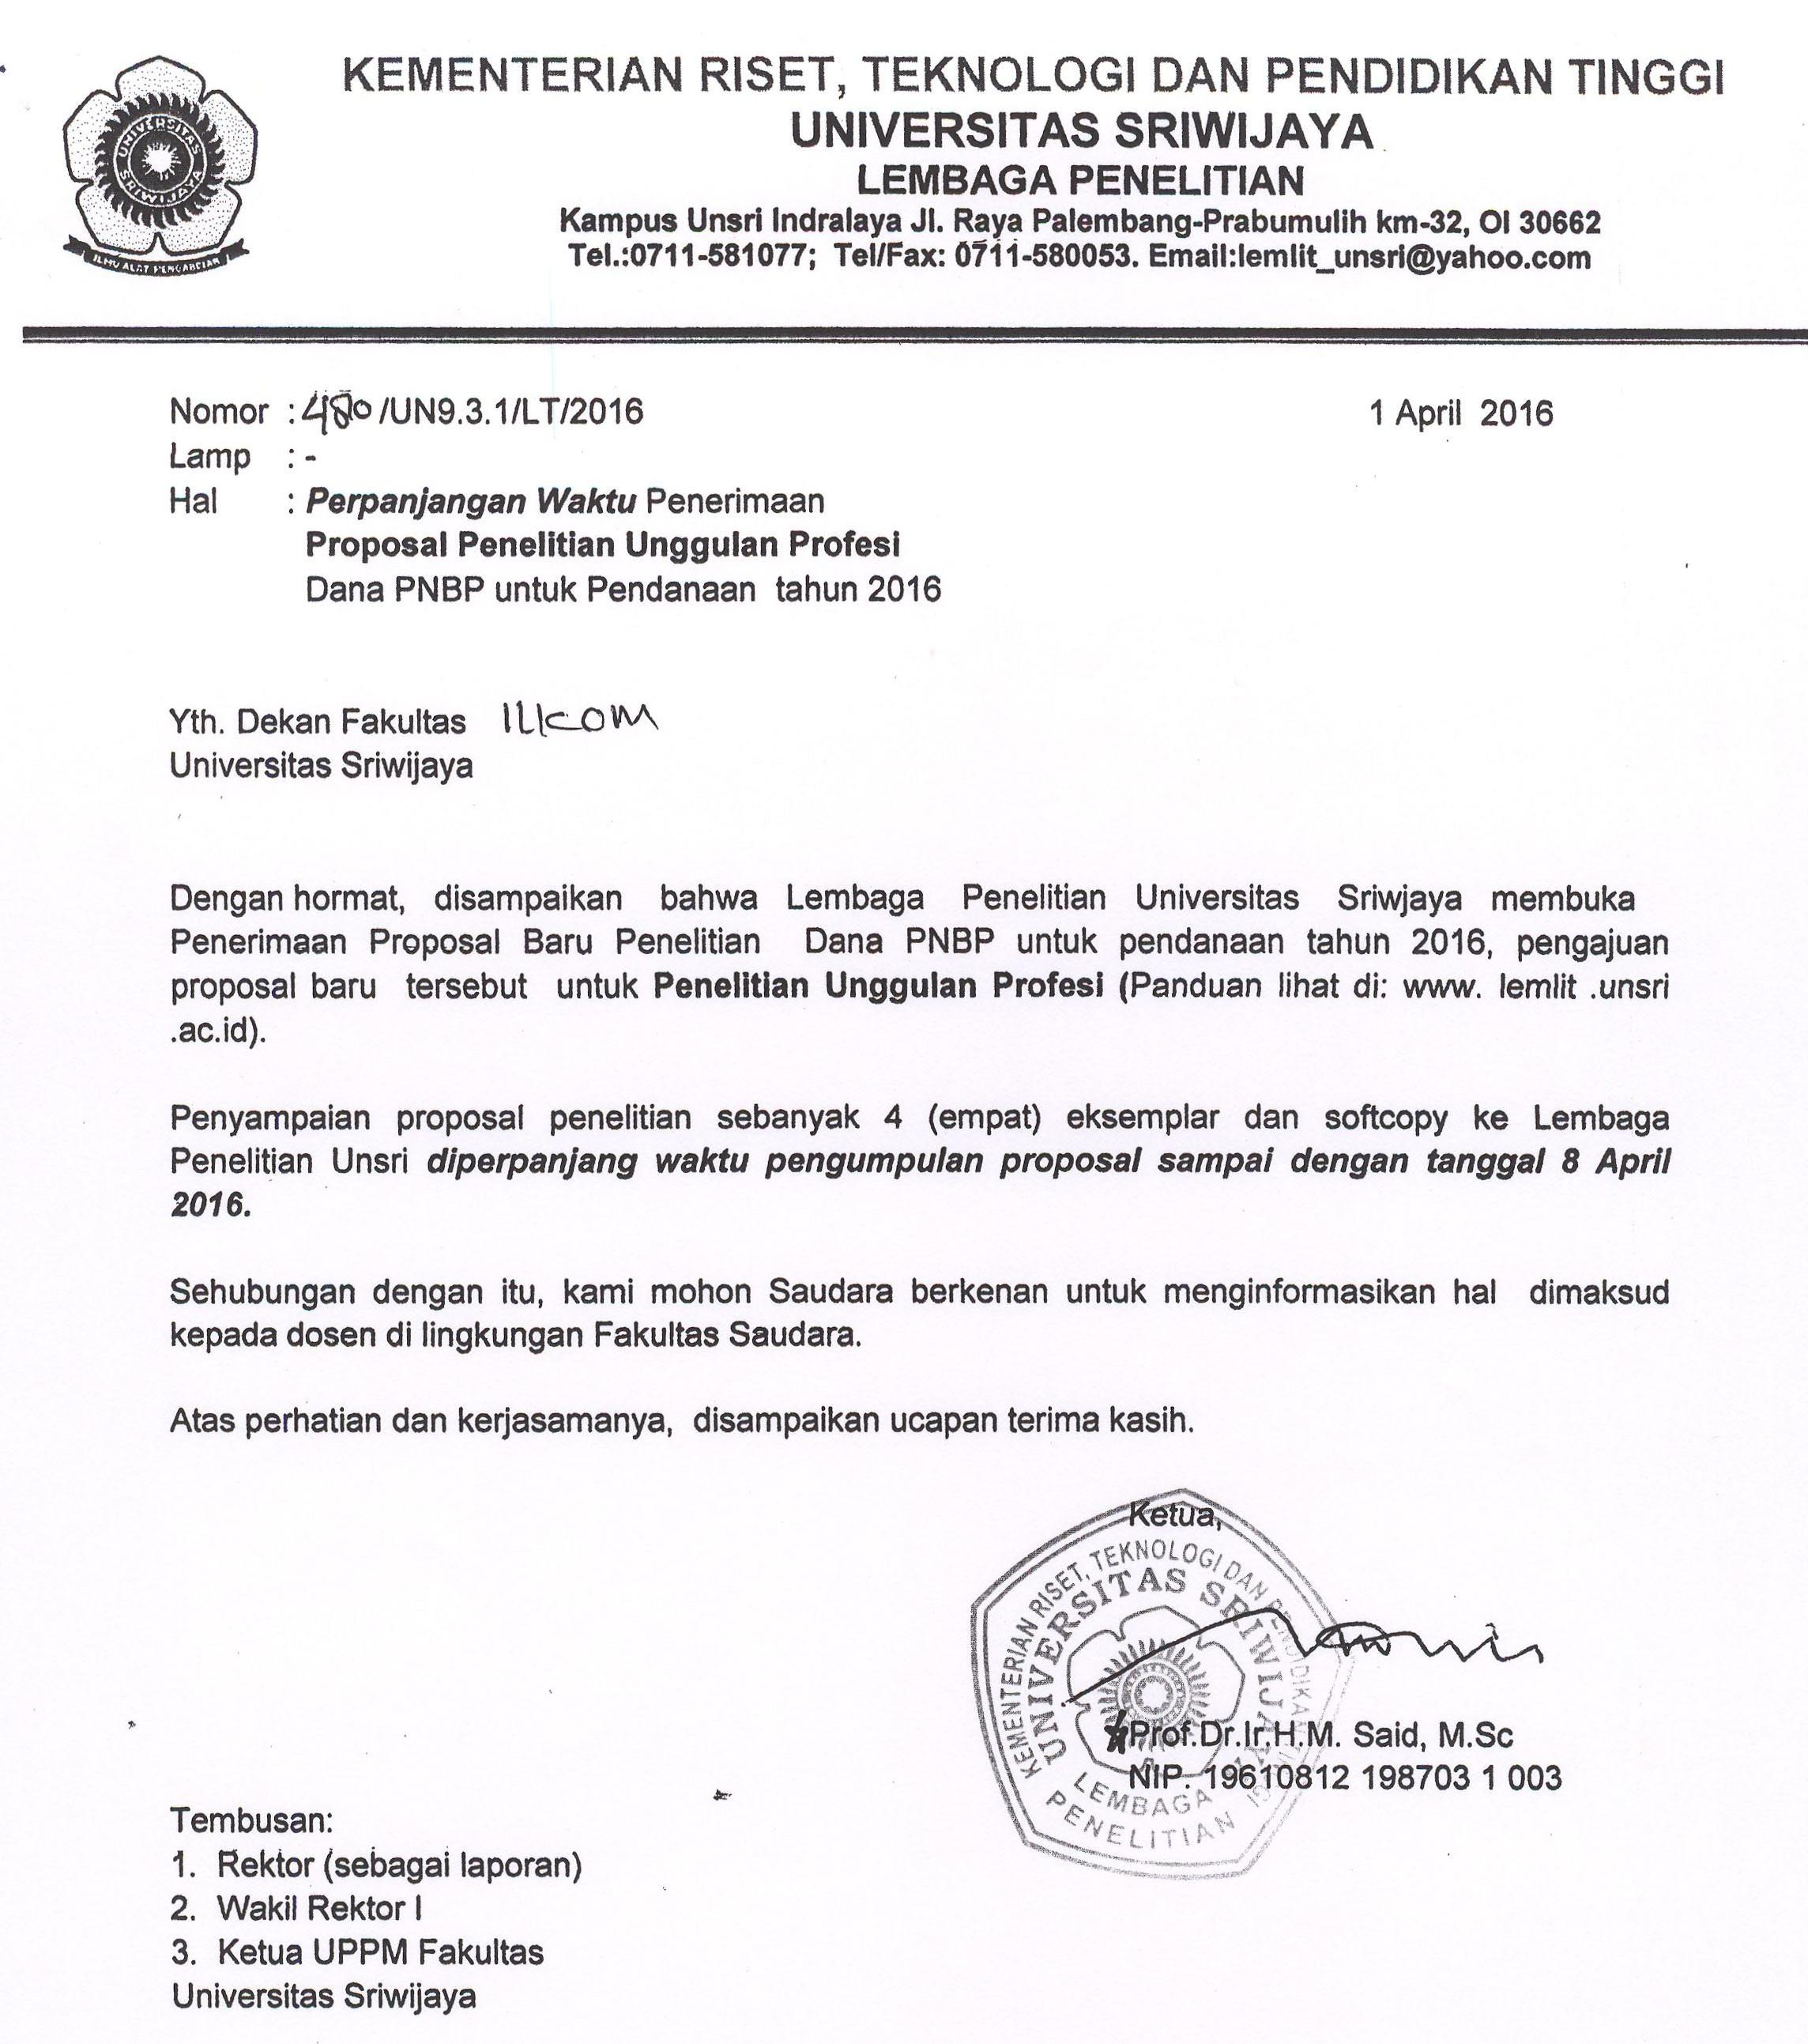 Perpanjangan Waktu Penerimaan Proposal Penelitian Unggulan Profesi Dana PNBP untuk Pendanaan tahun 2016